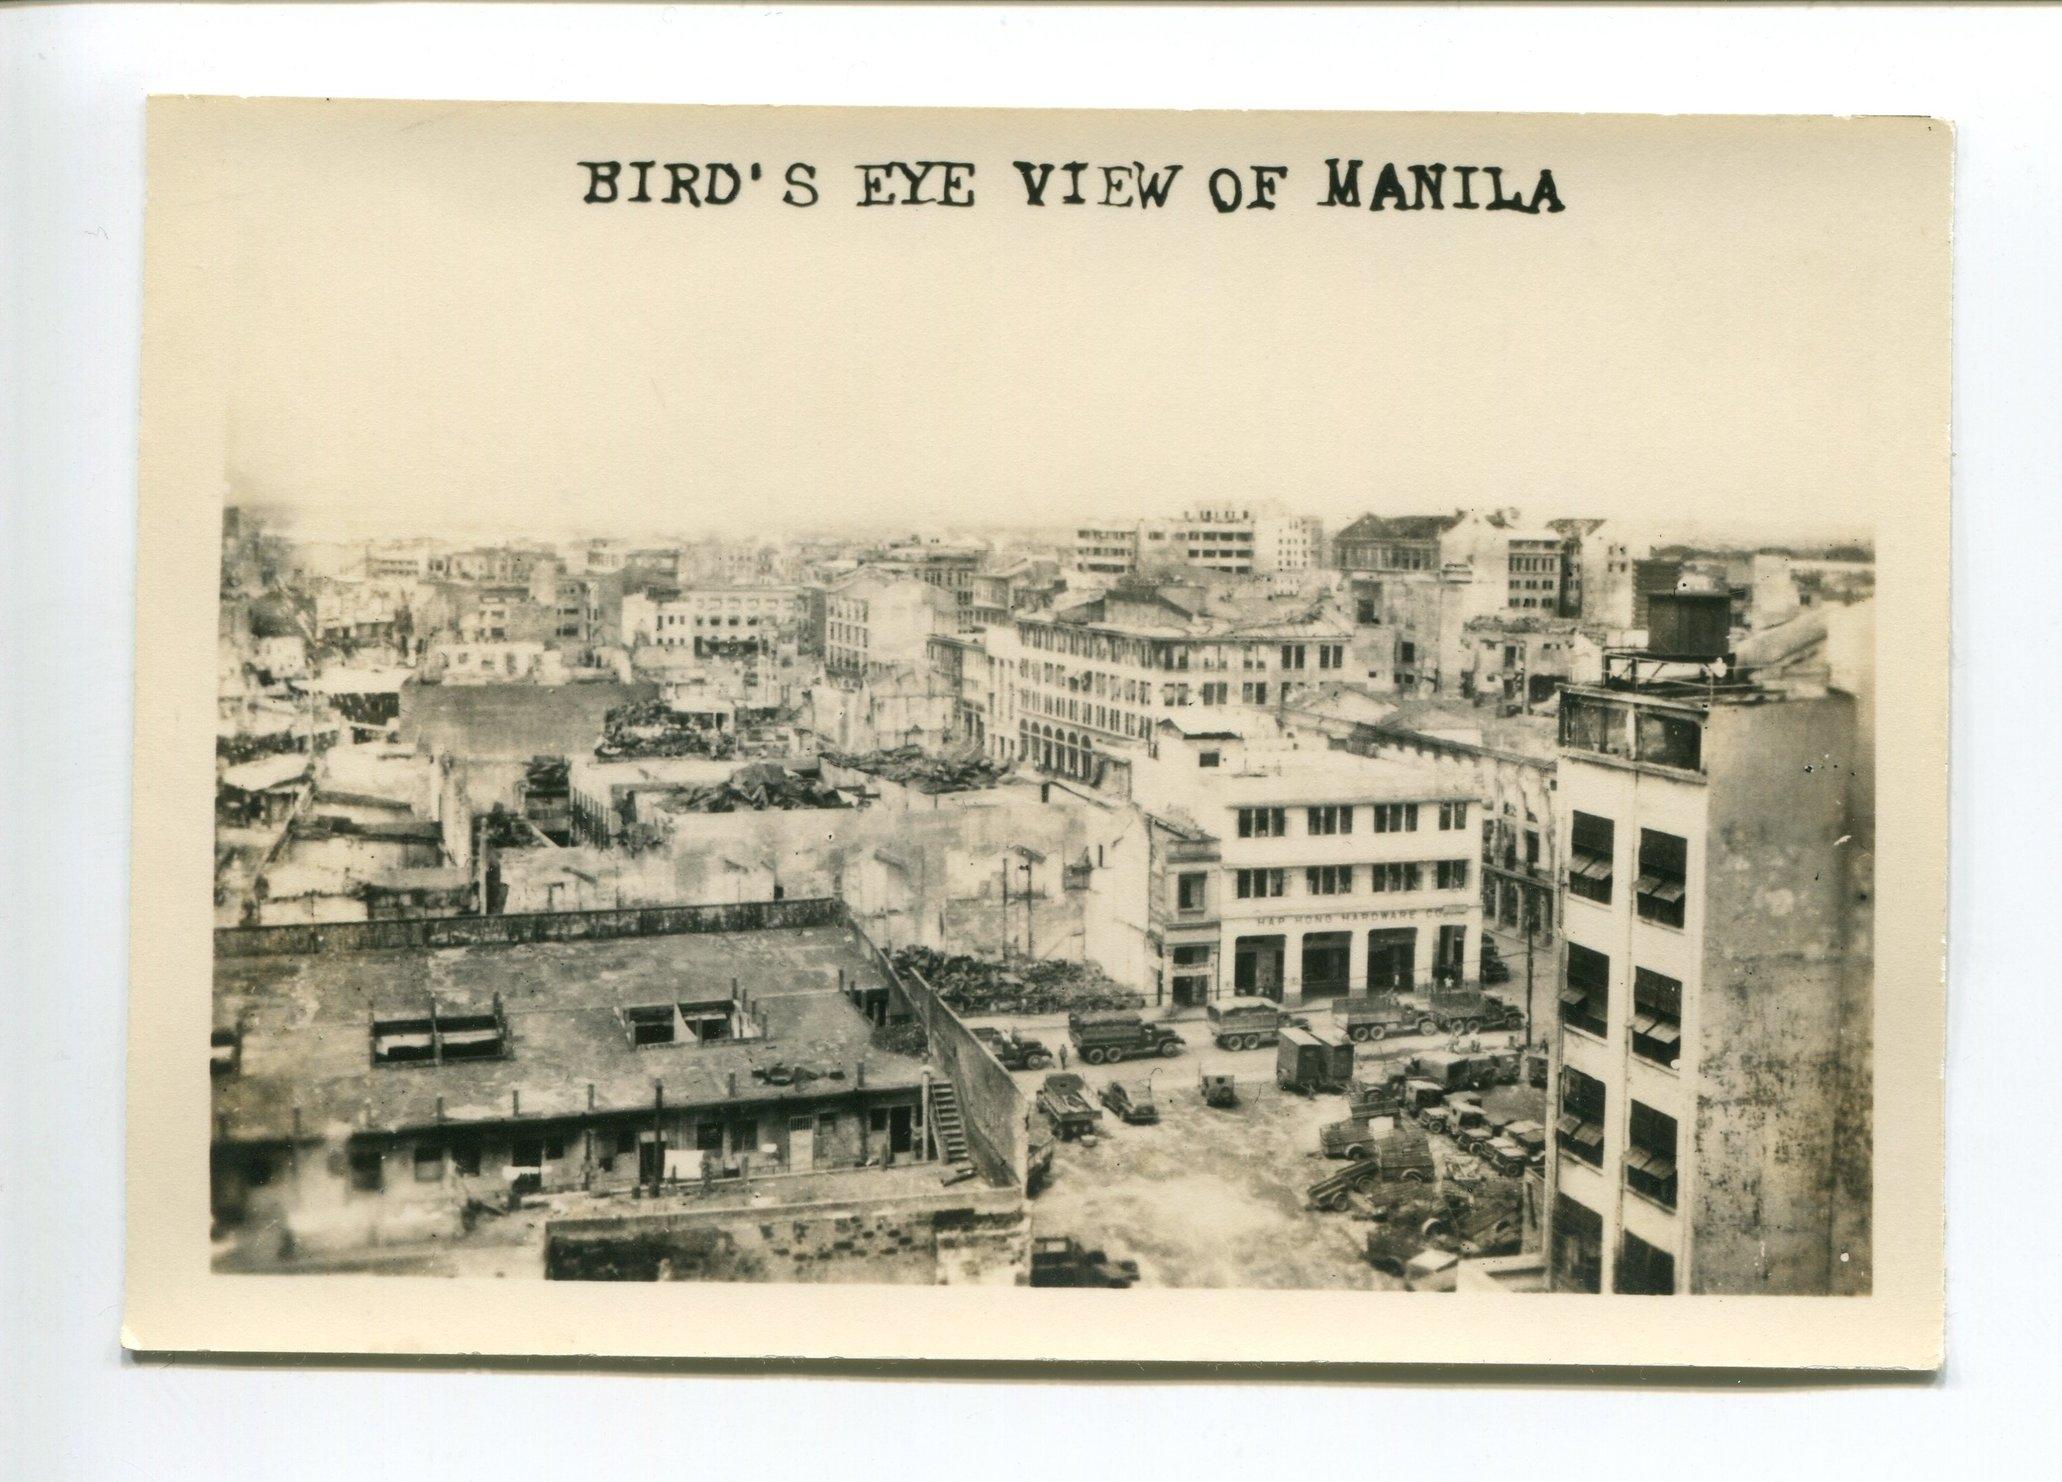 Before Manila Birds Eye View.jpg